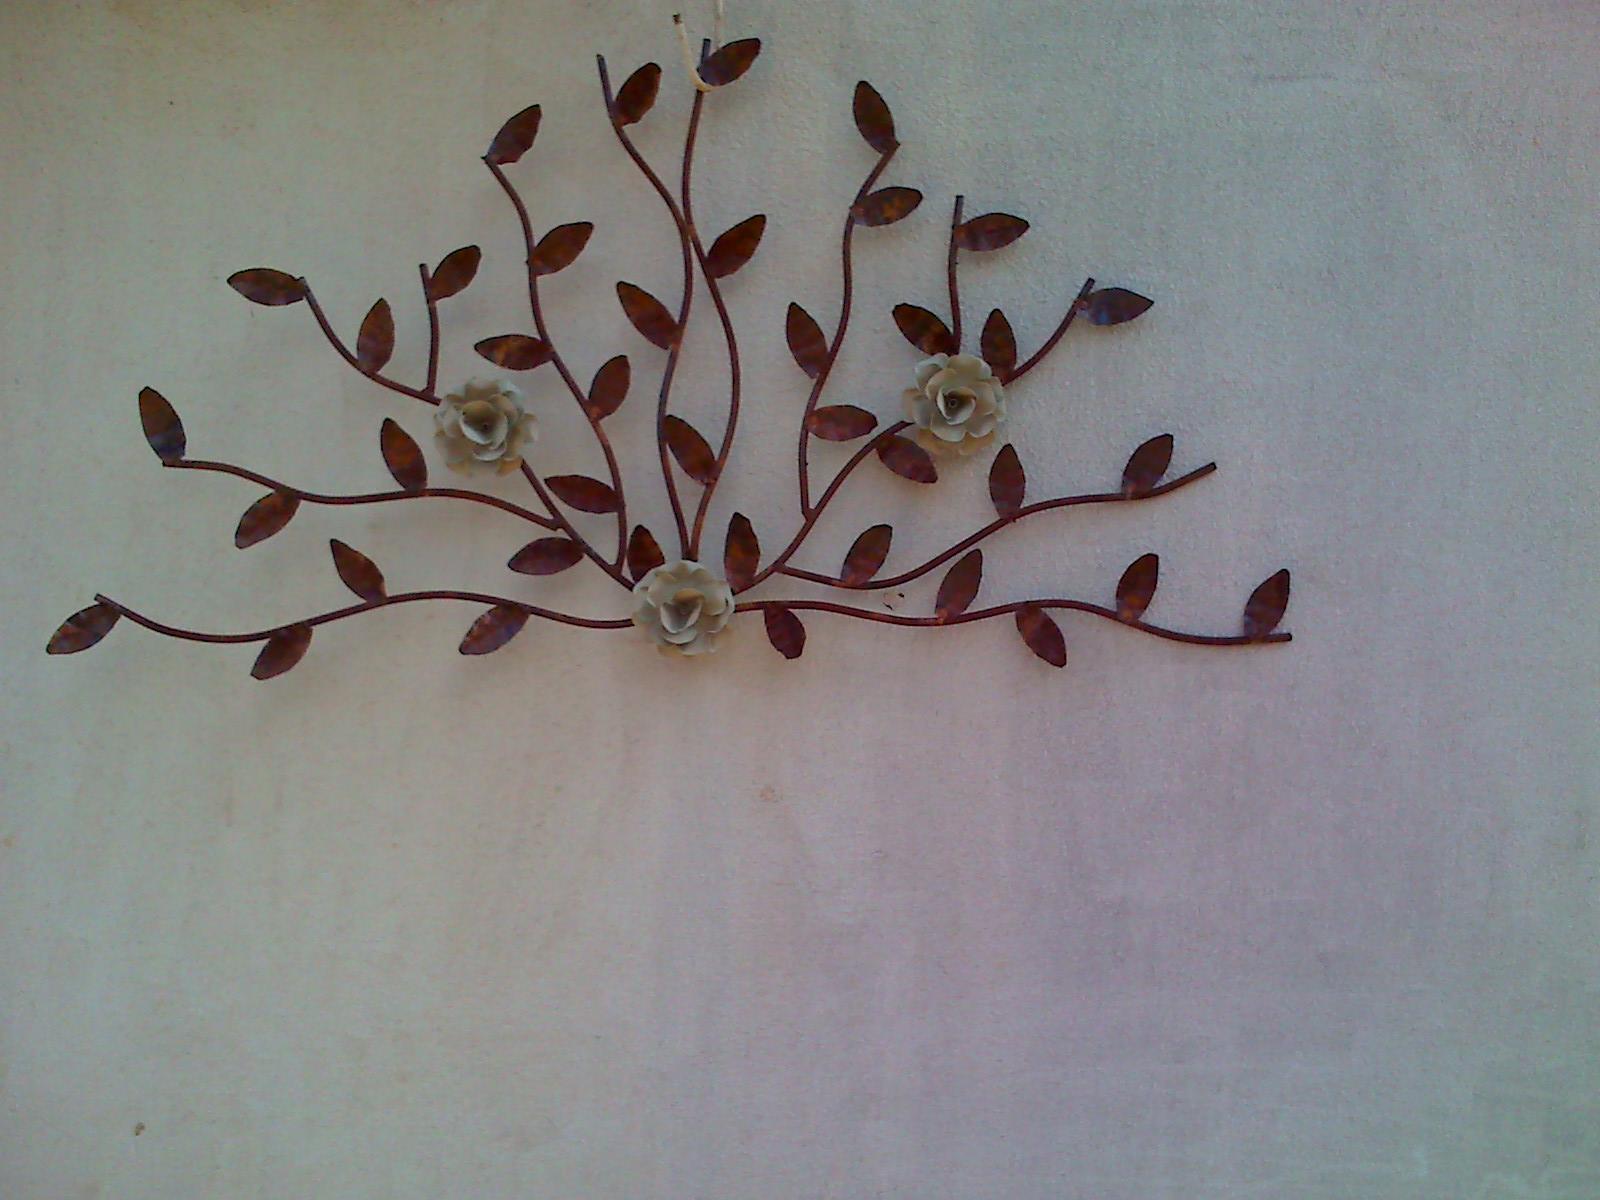 http://1.bp.blogspot.com/_7F8c4zlpDPA/TB0hXiNPliI/AAAAAAAAACk/4n7RVutyxG0/s1600/Ramos+com+rosas+de+parede.jpg